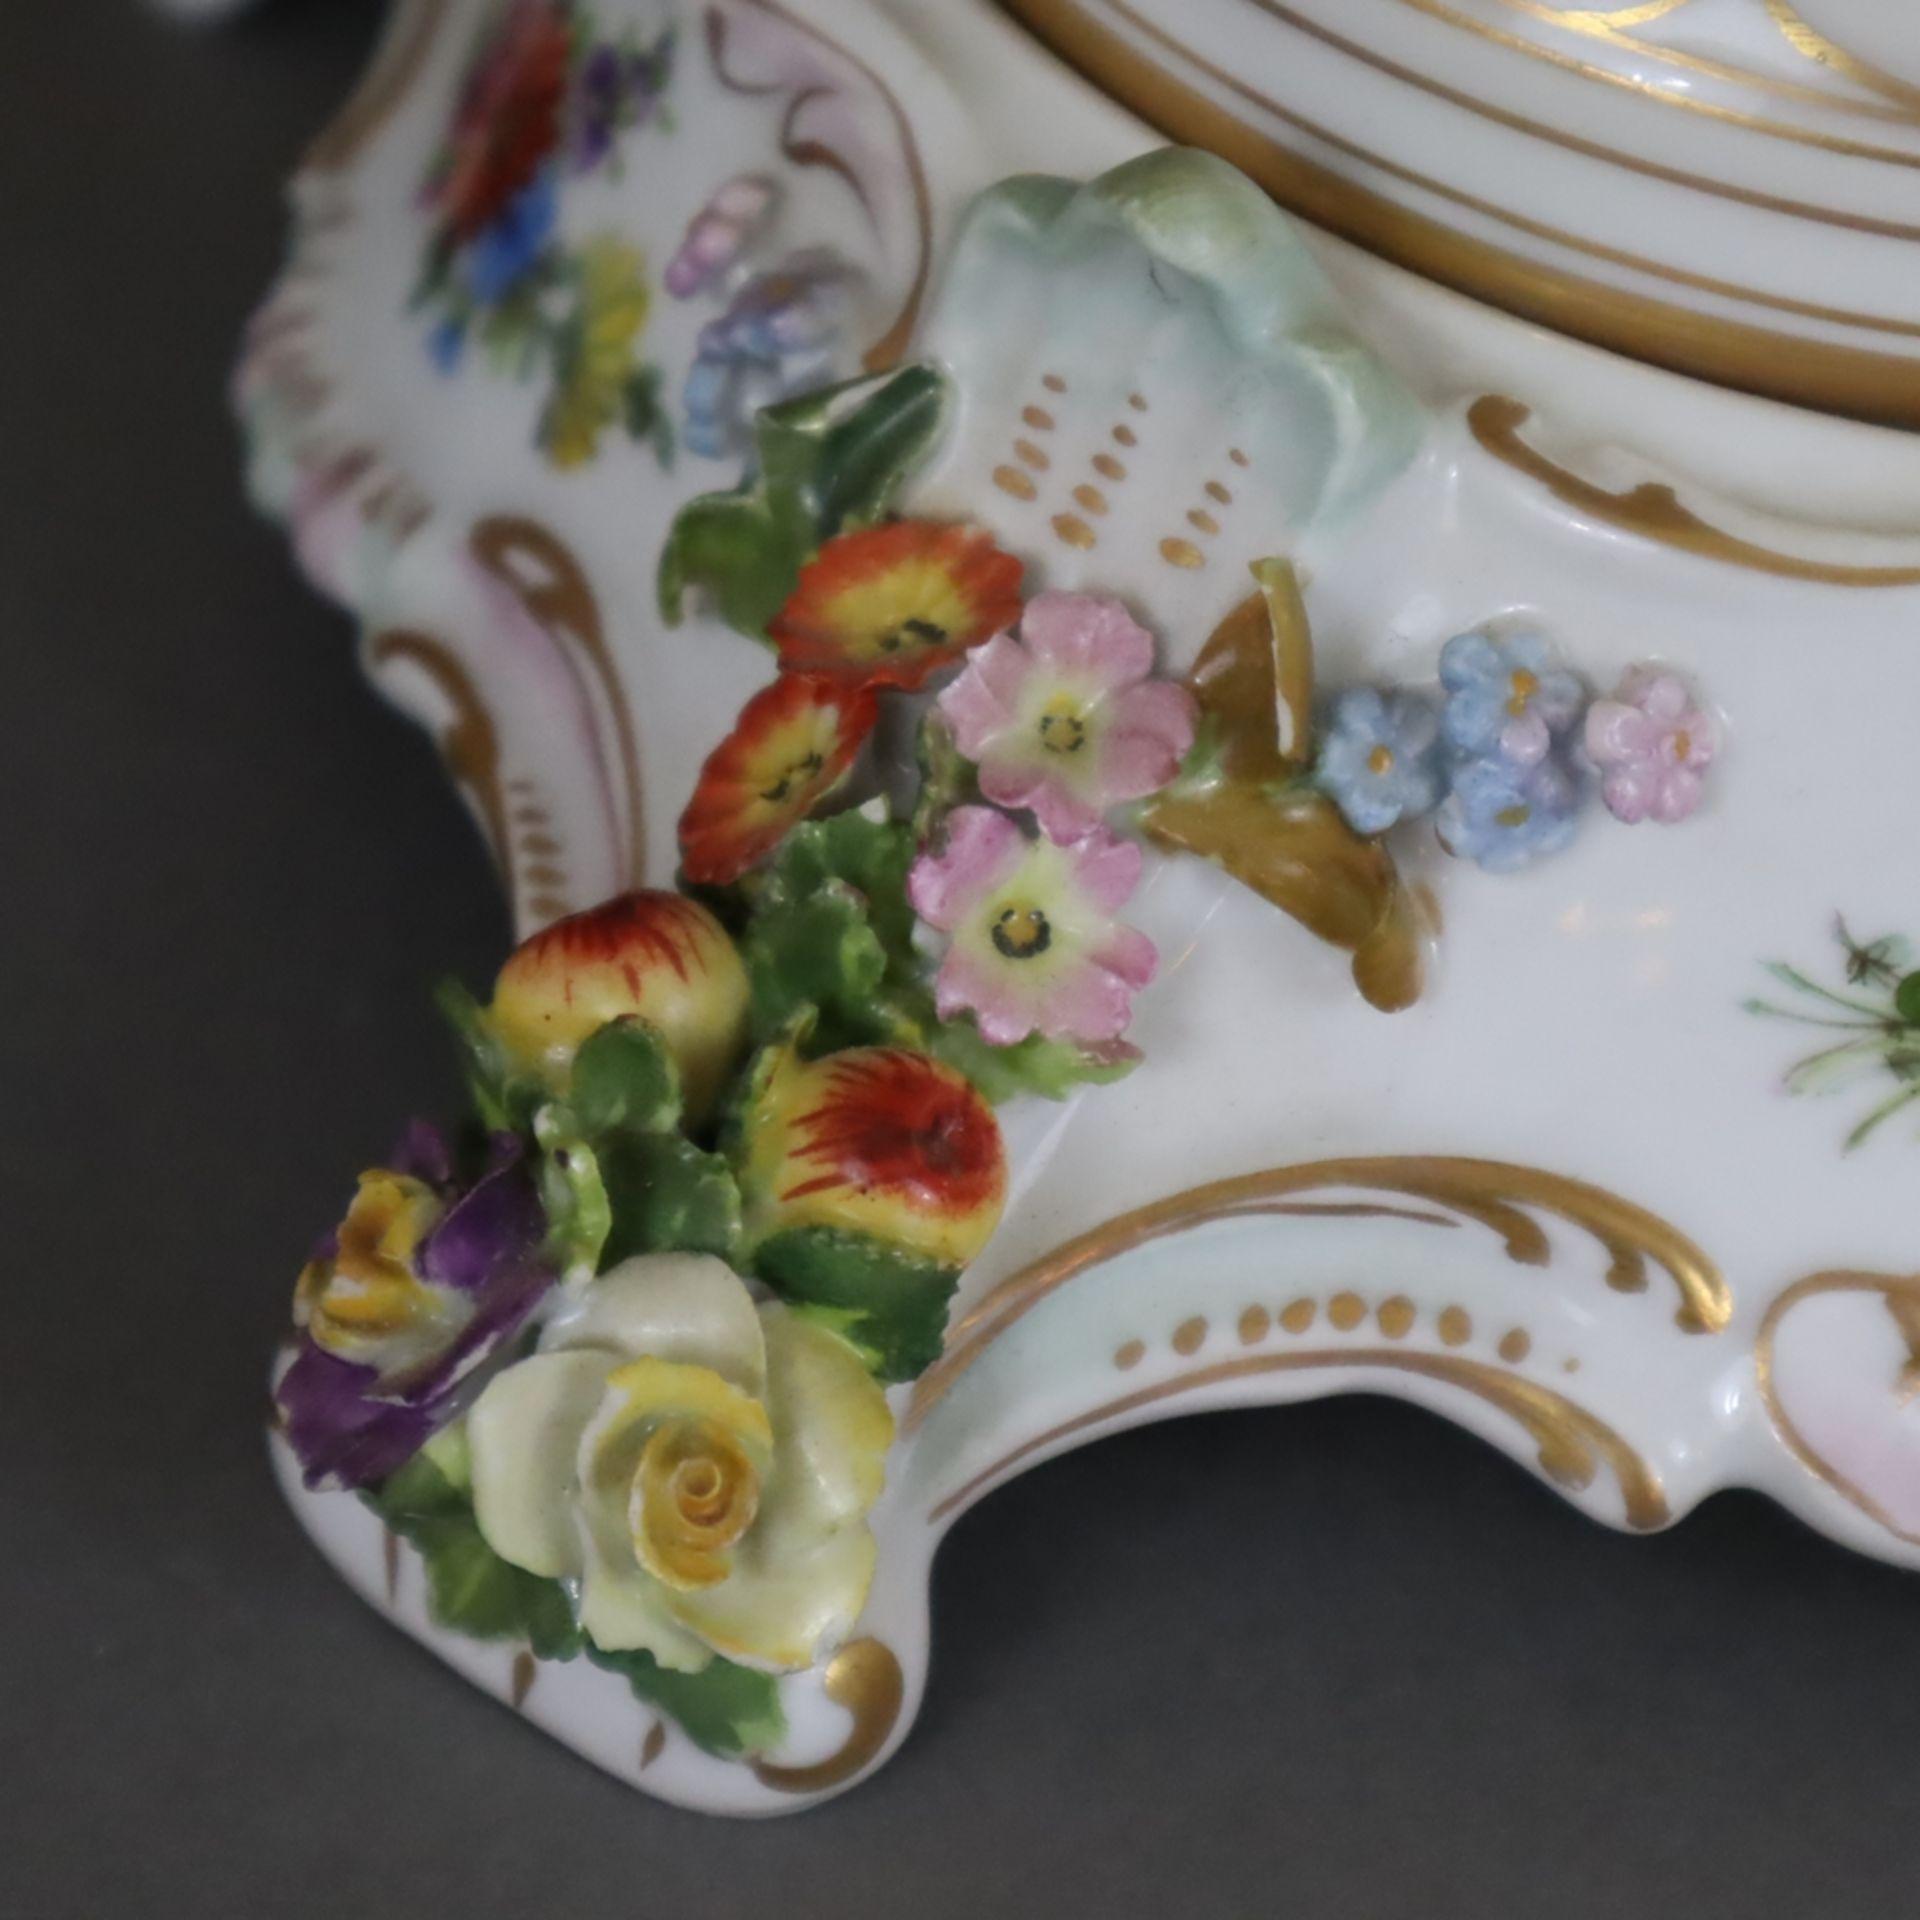 Paar prunkvolle Deckelvasen mit Sockel - Dresden/Potschappel, Marke ab 1901, Porzellan, reliefiert, - Image 19 of 22